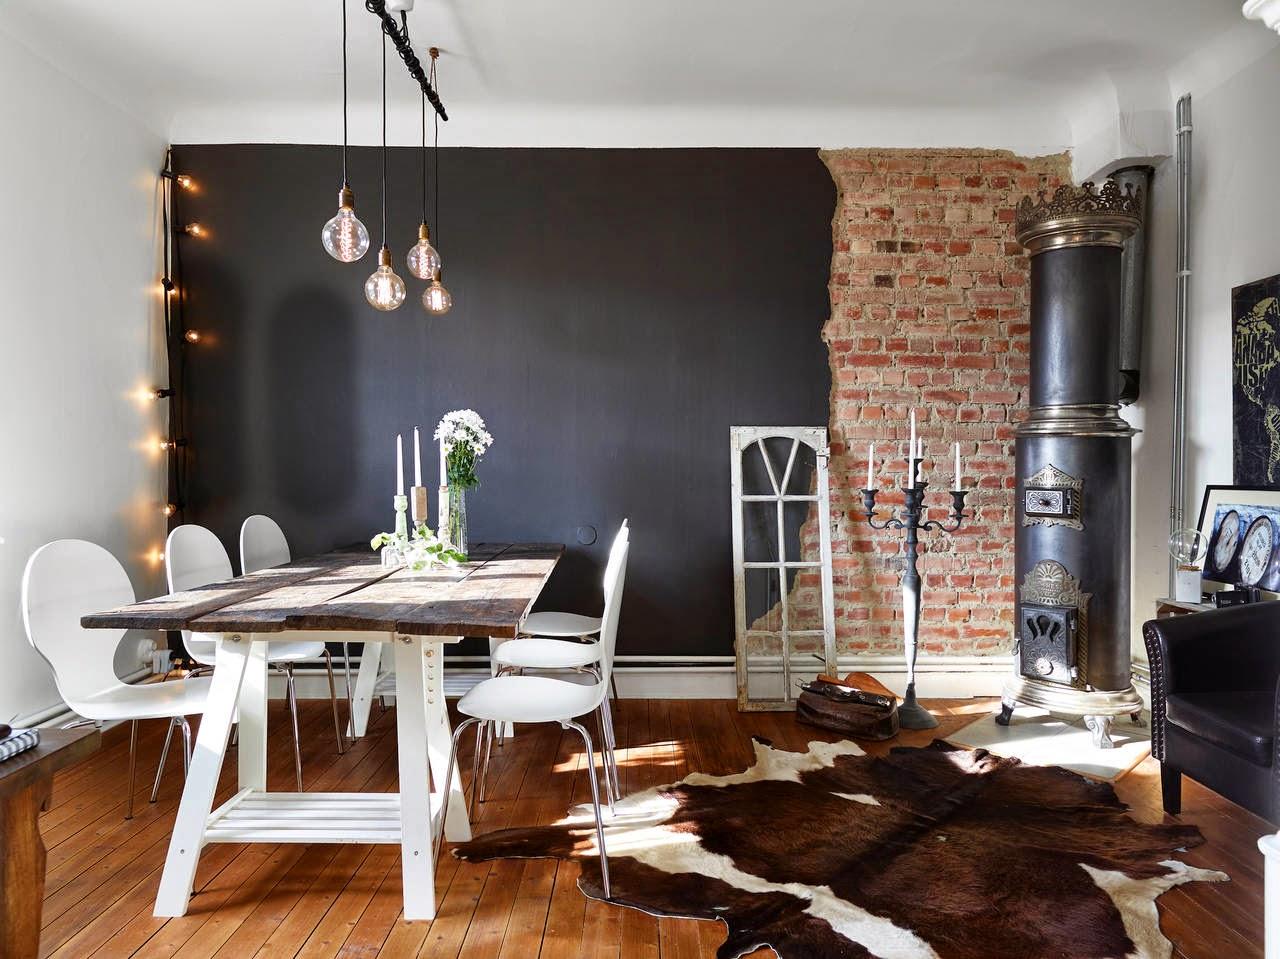 Inspiraci n deco estilo n rdico en madera y negro tr s - Deco estilo nordico ...